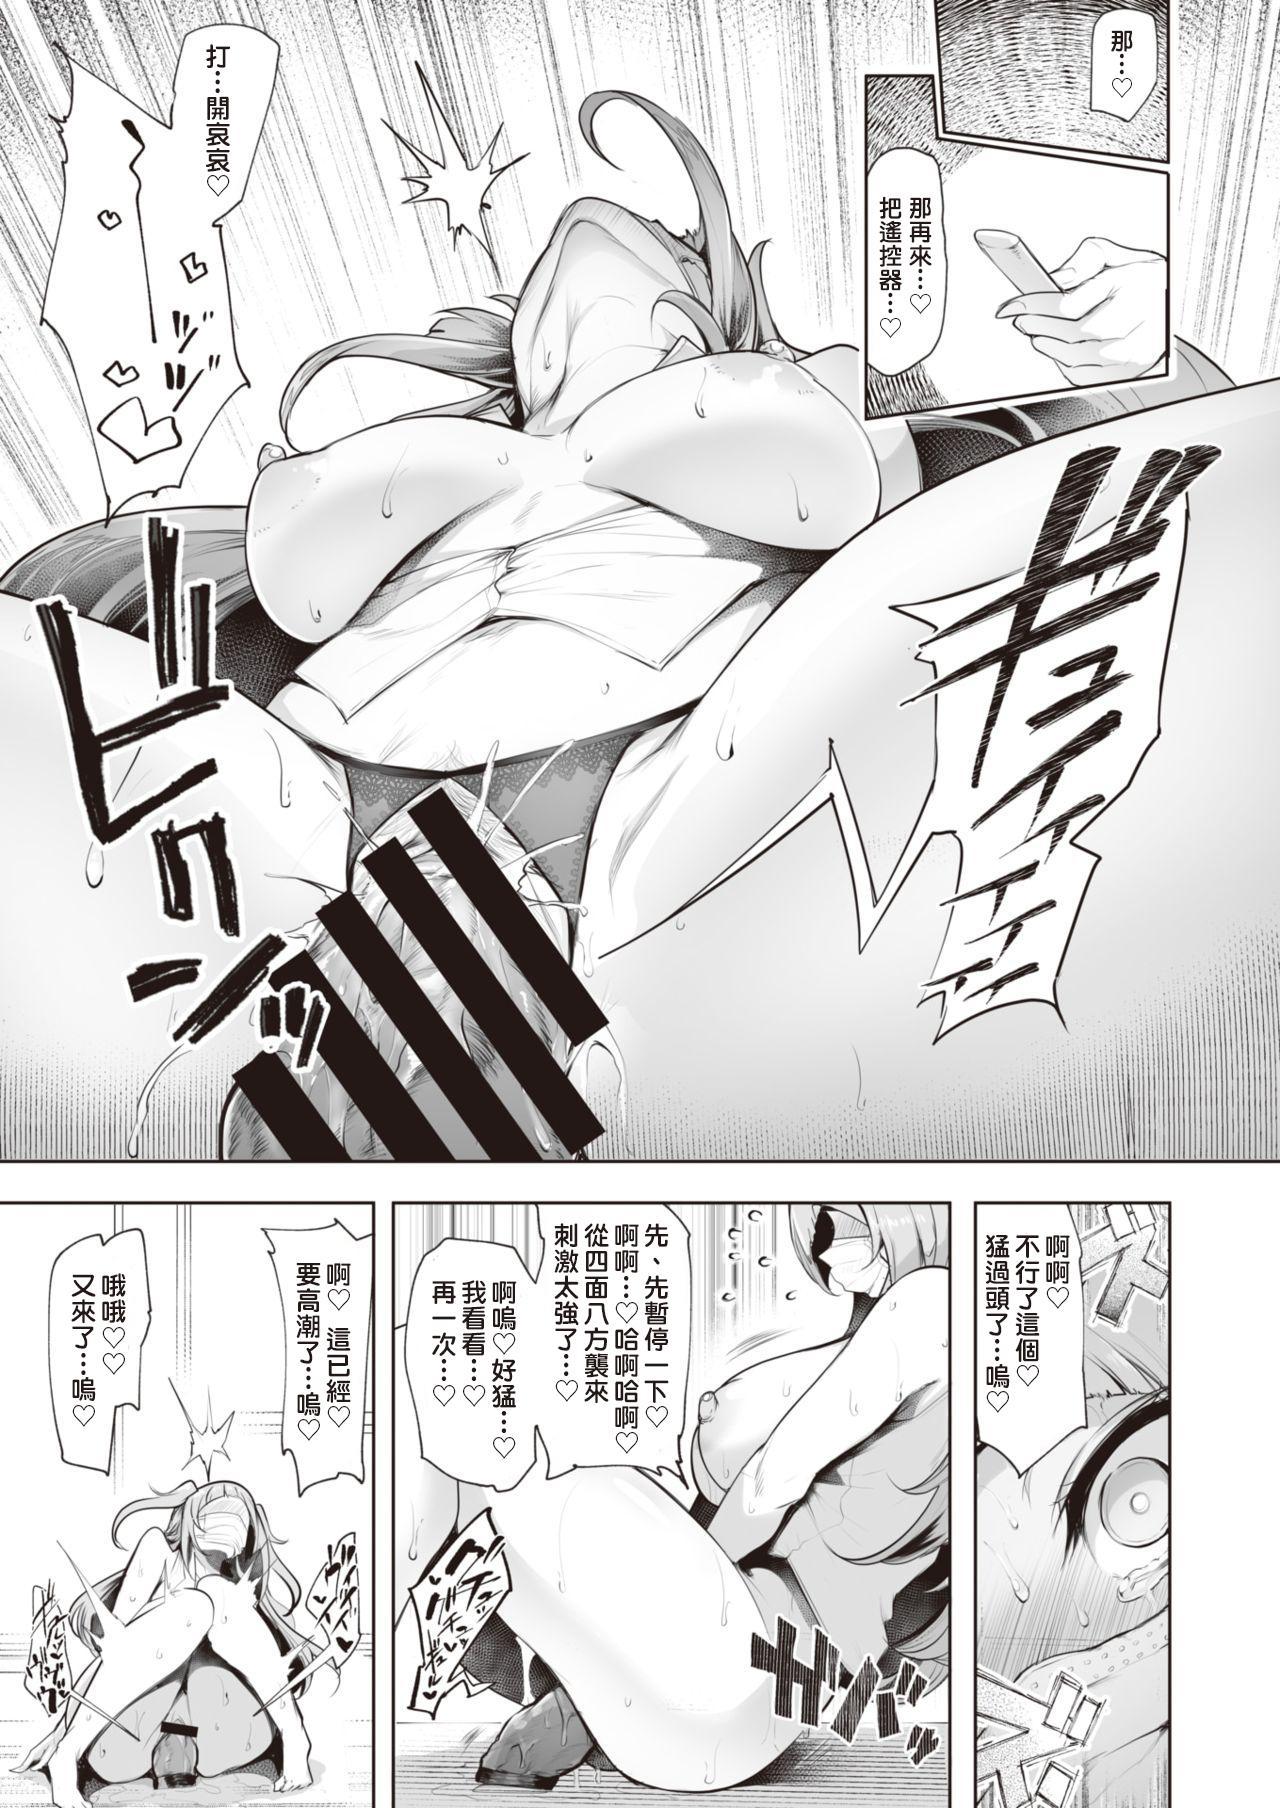 Nama Haishin ga Yamerarenai♪ 3